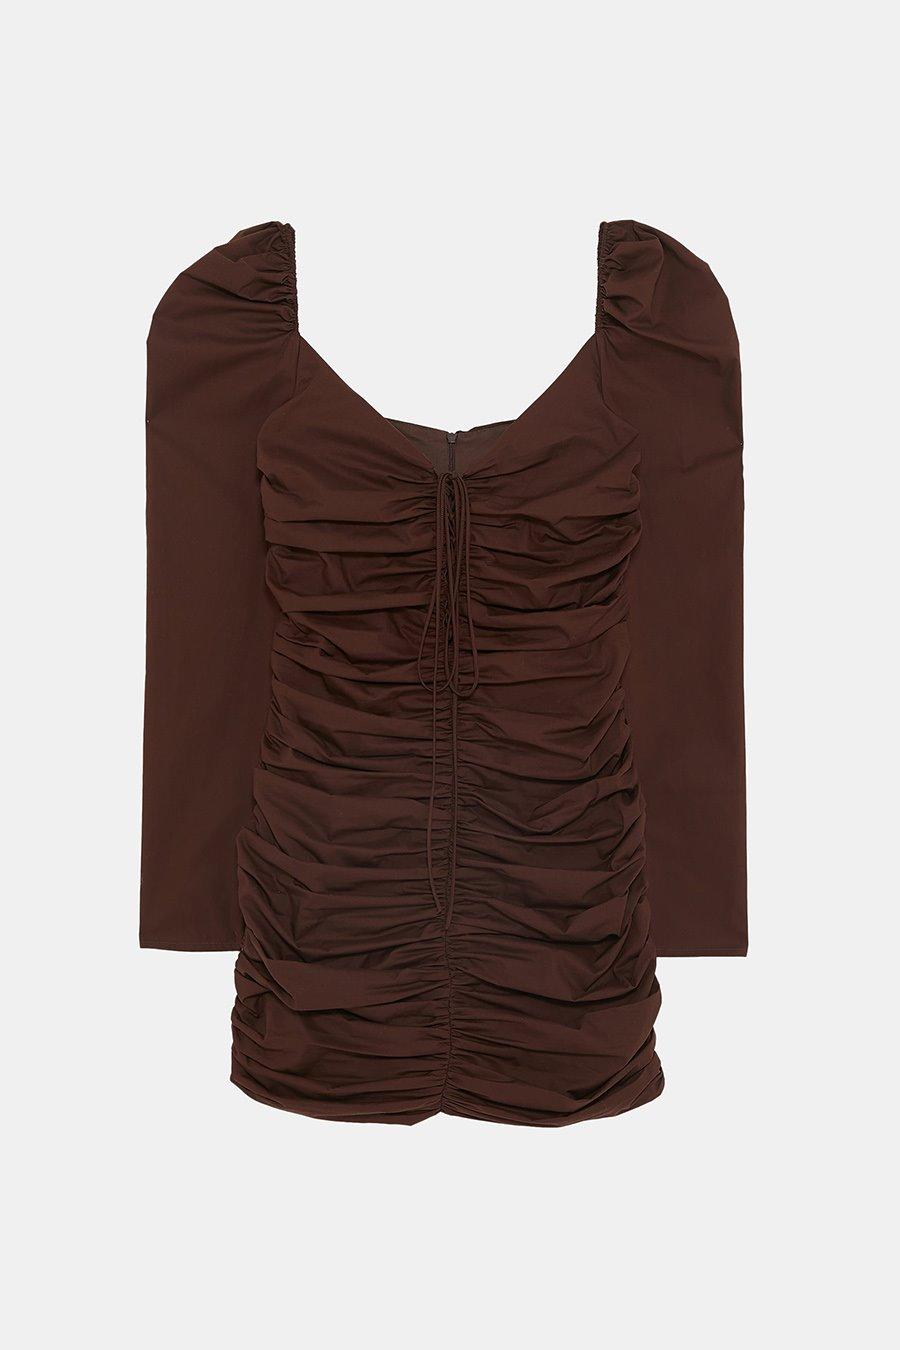 Marron Chocolate El Color Del Otono Segun La Nueva Coleccion Zara - El-color-marron